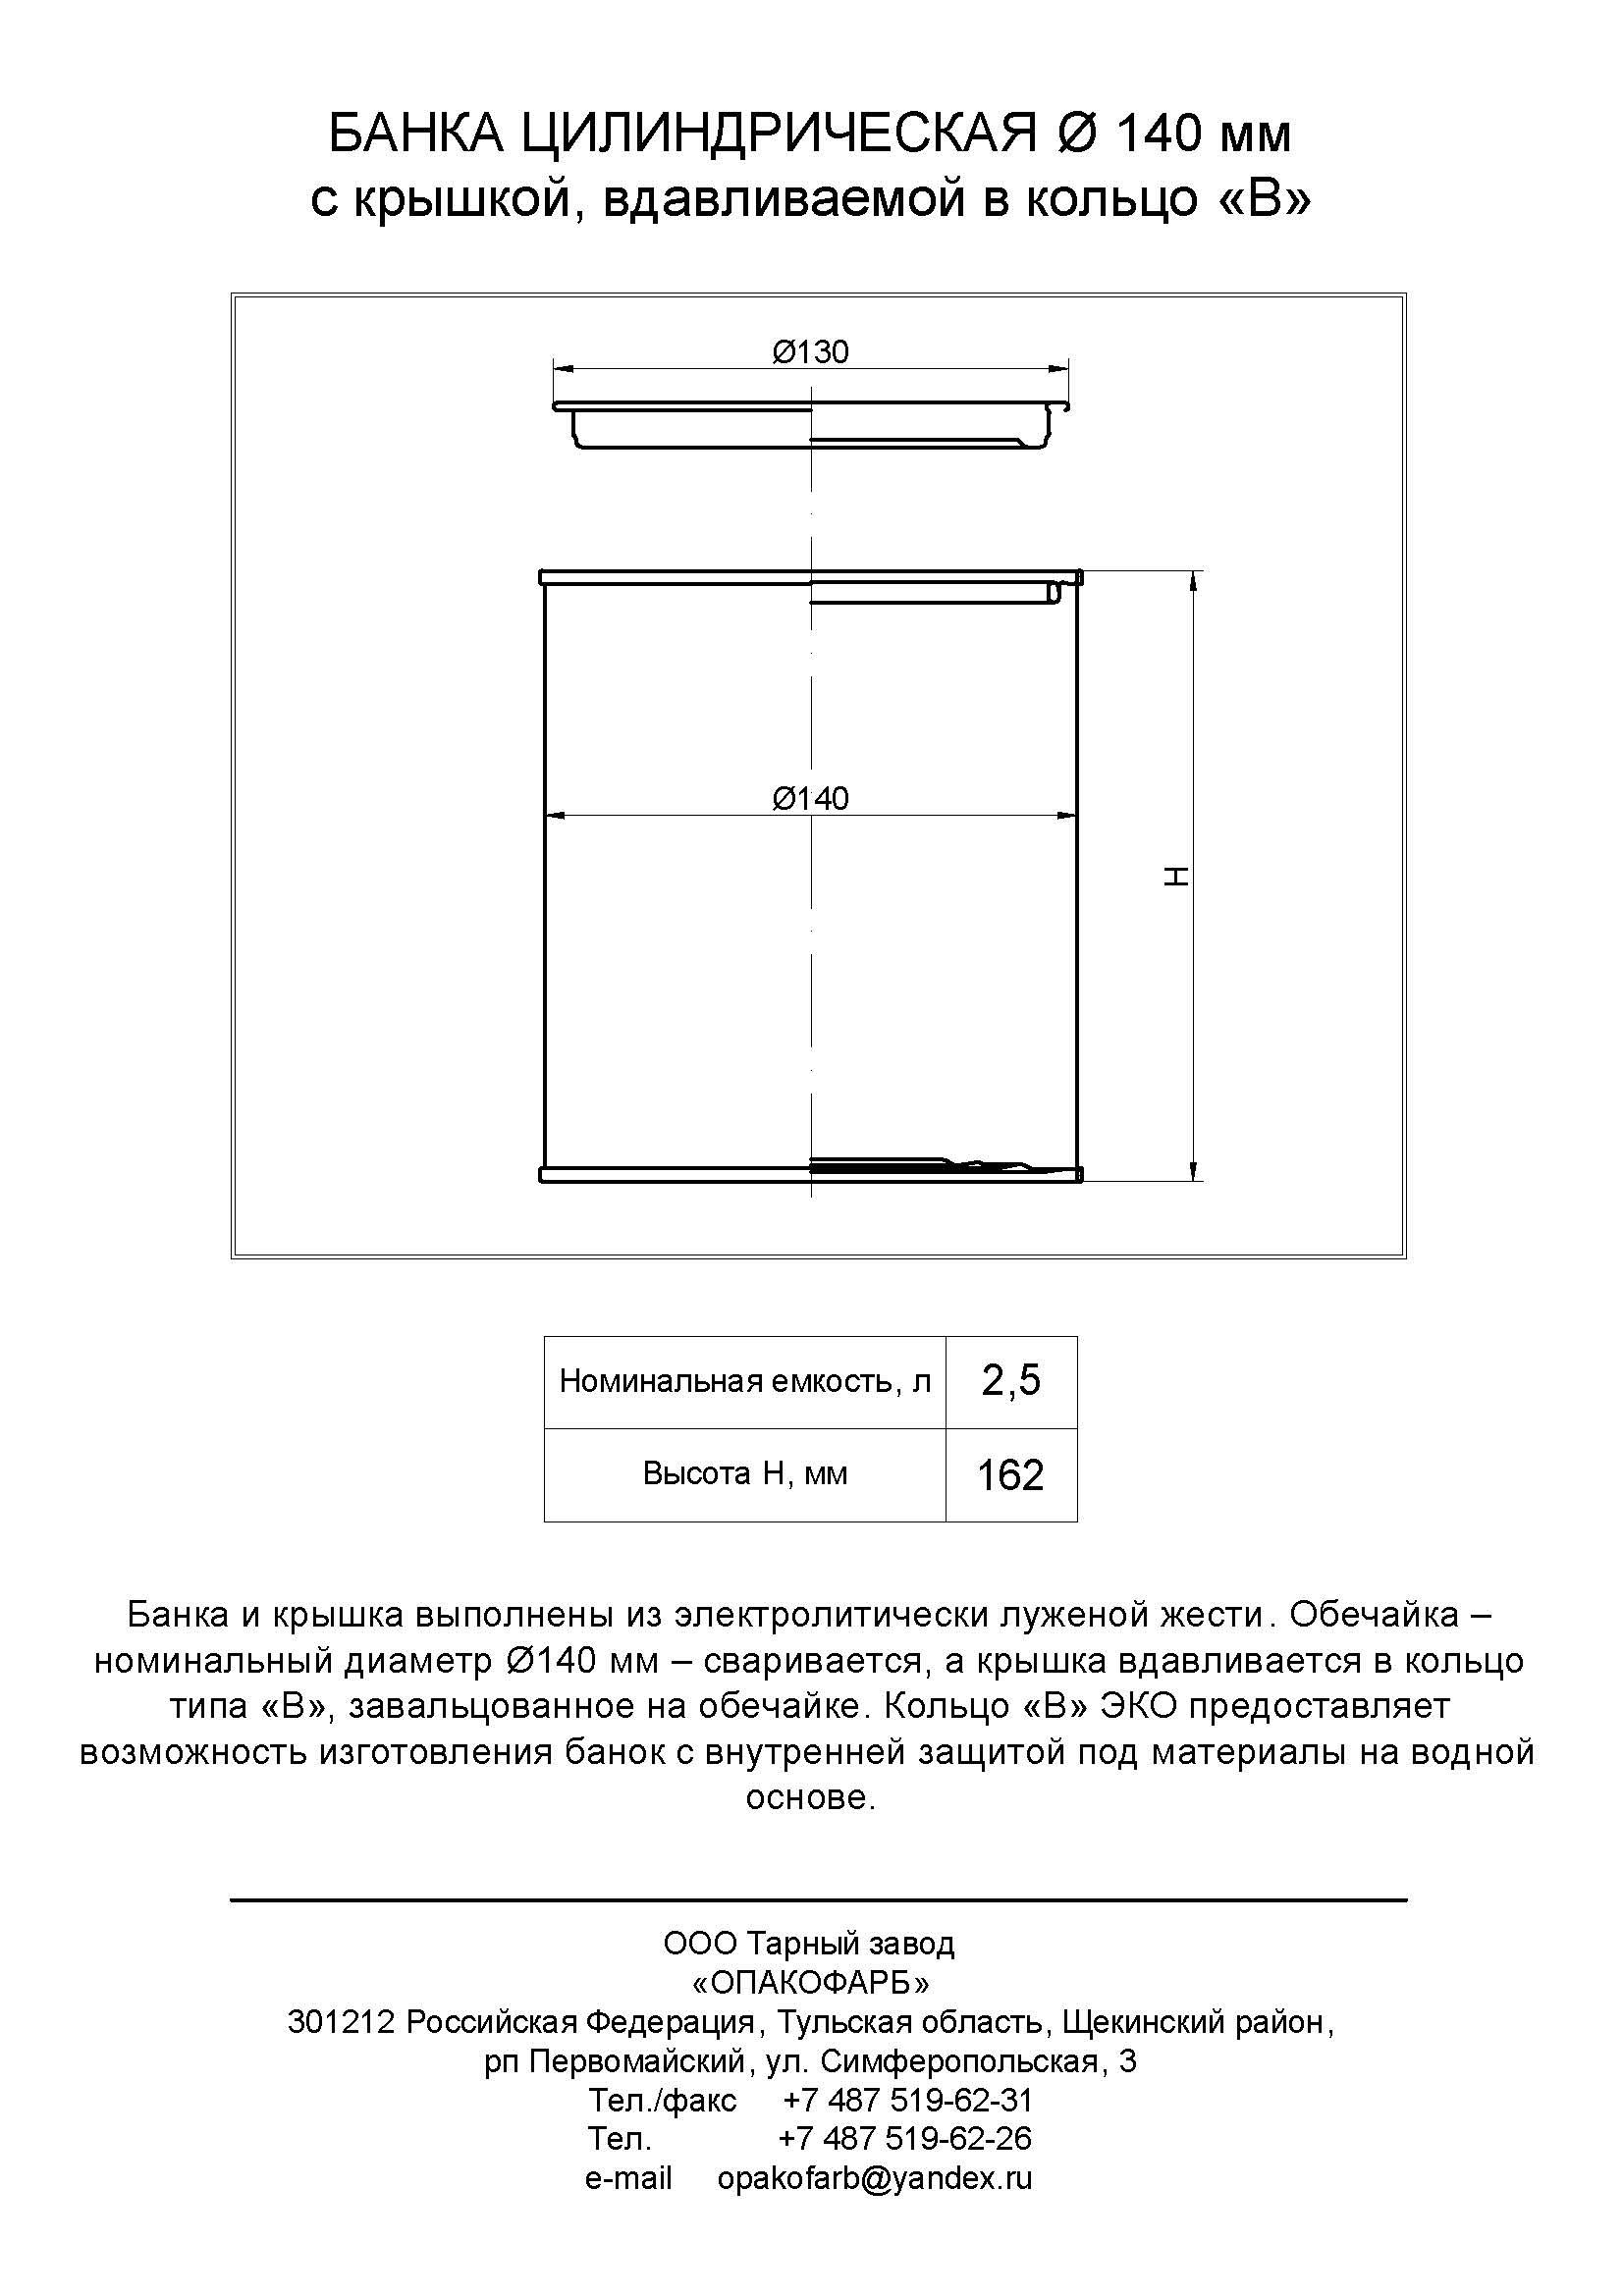 Banka cylindryczne 140 typ ER